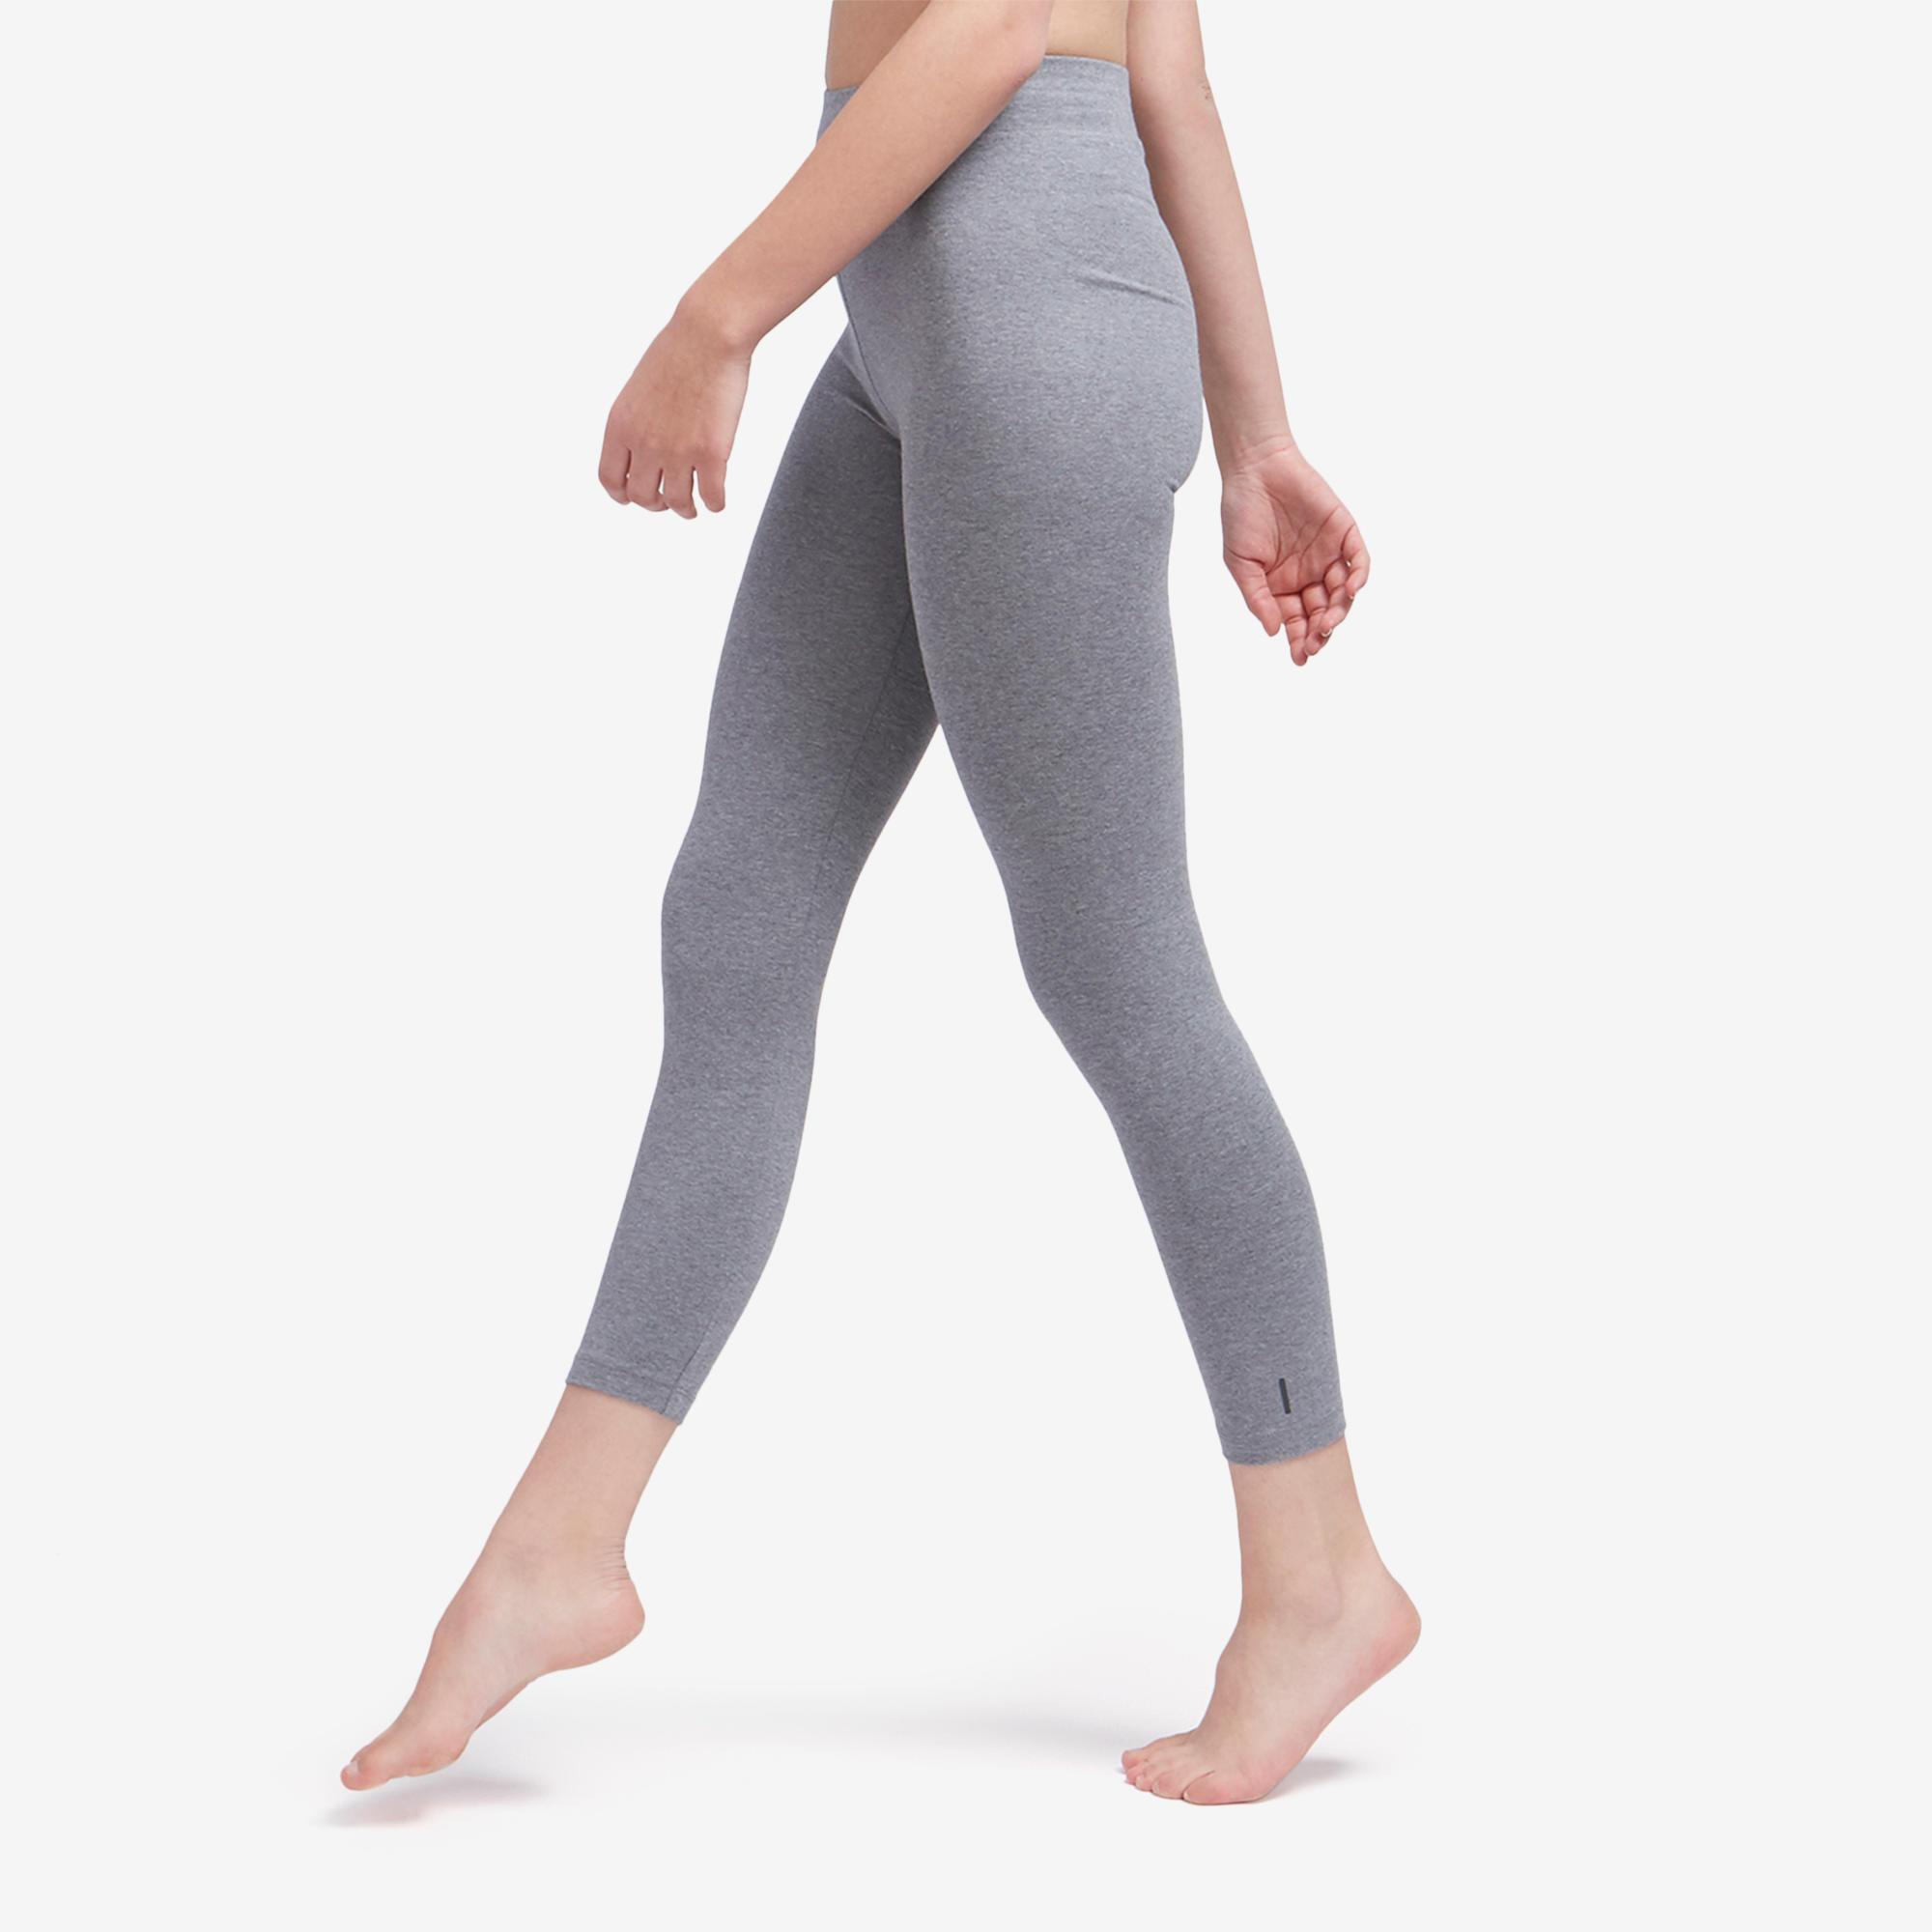 Legging court de sport taille haute fit500 femme 78 en coton gris domyos